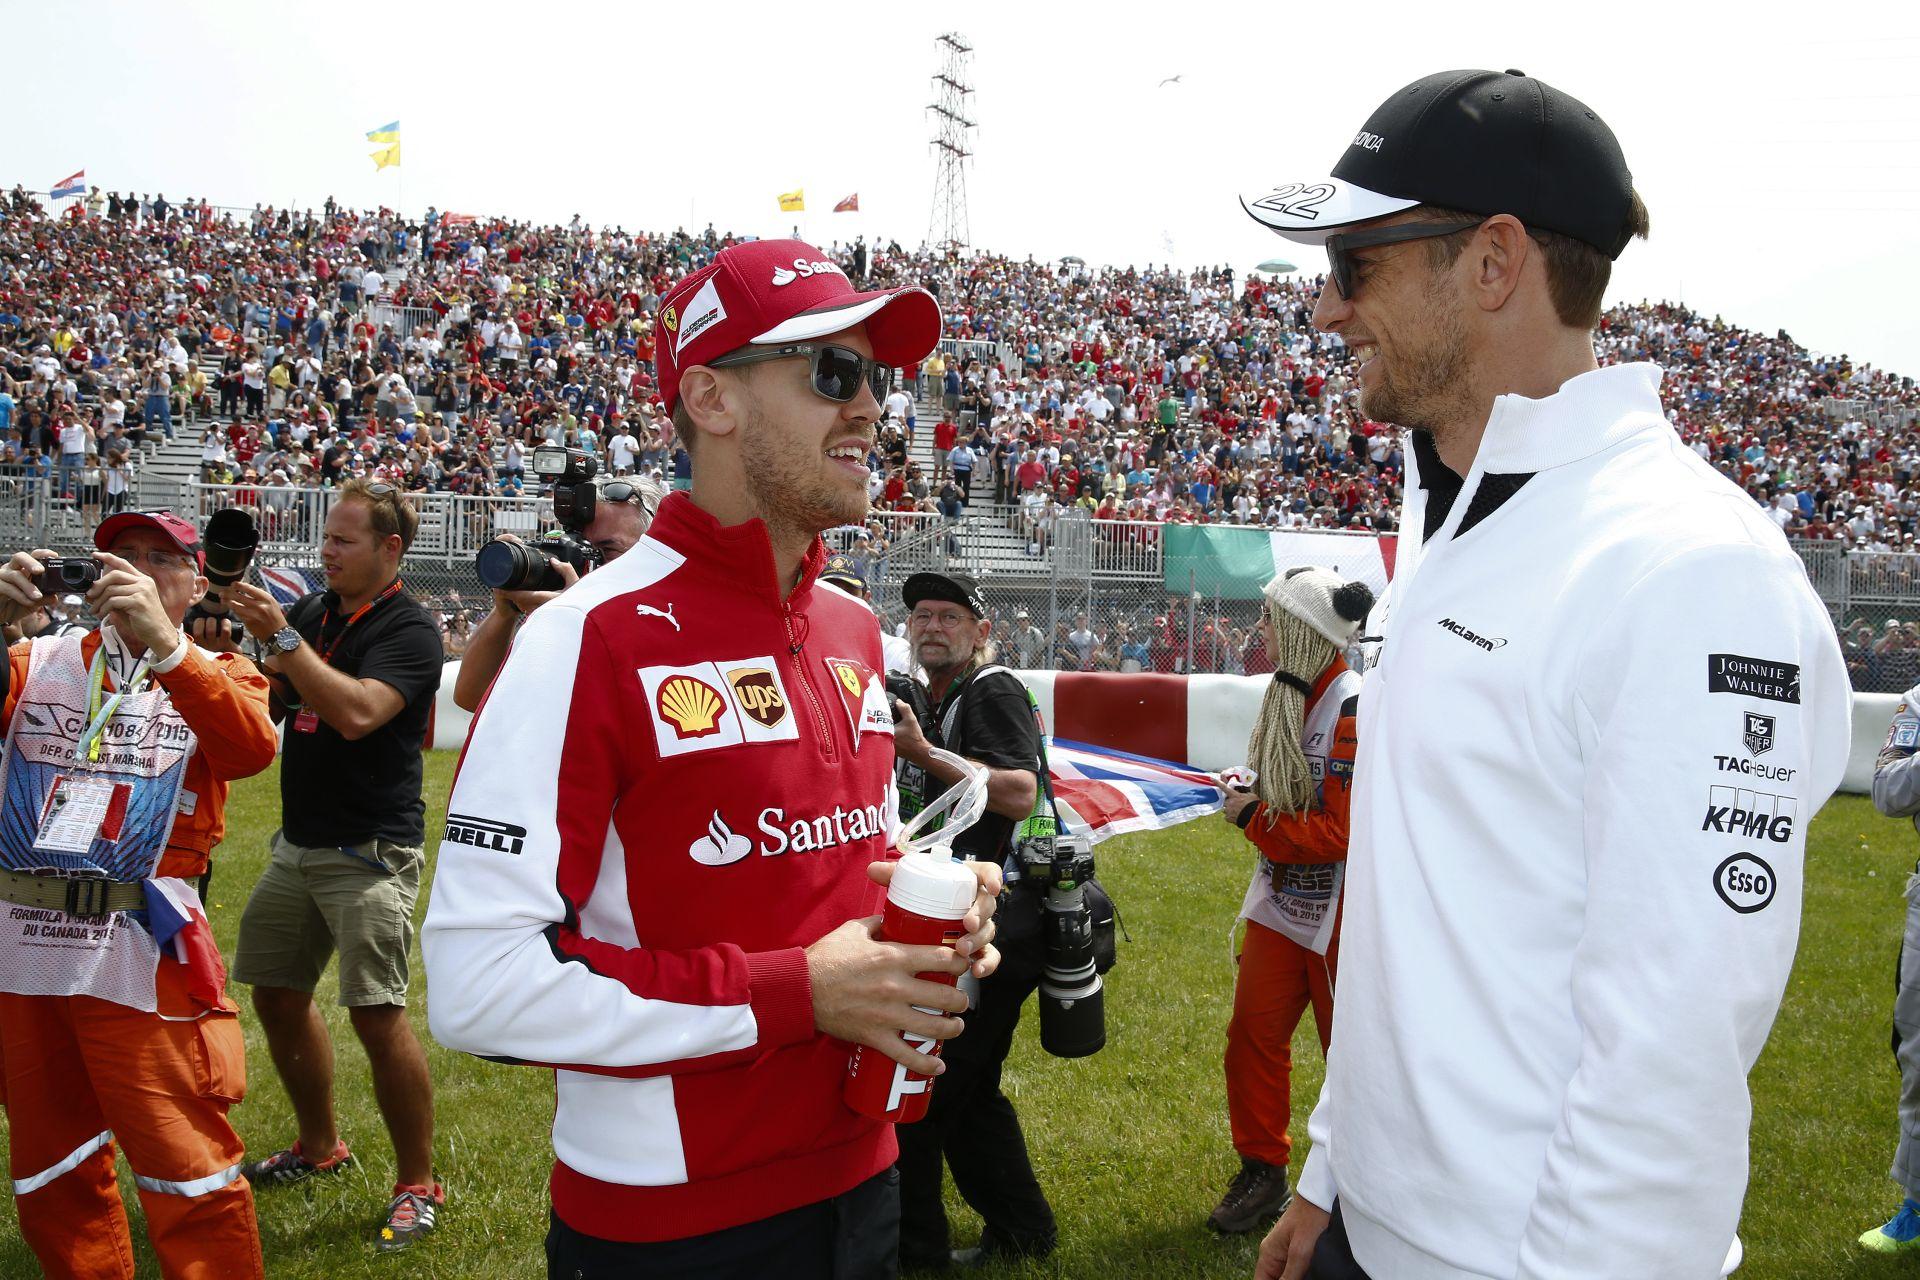 Button: Úgy tűnt, Raikkönen egyszerűen elvesztette az uralmát a Ferrari felett